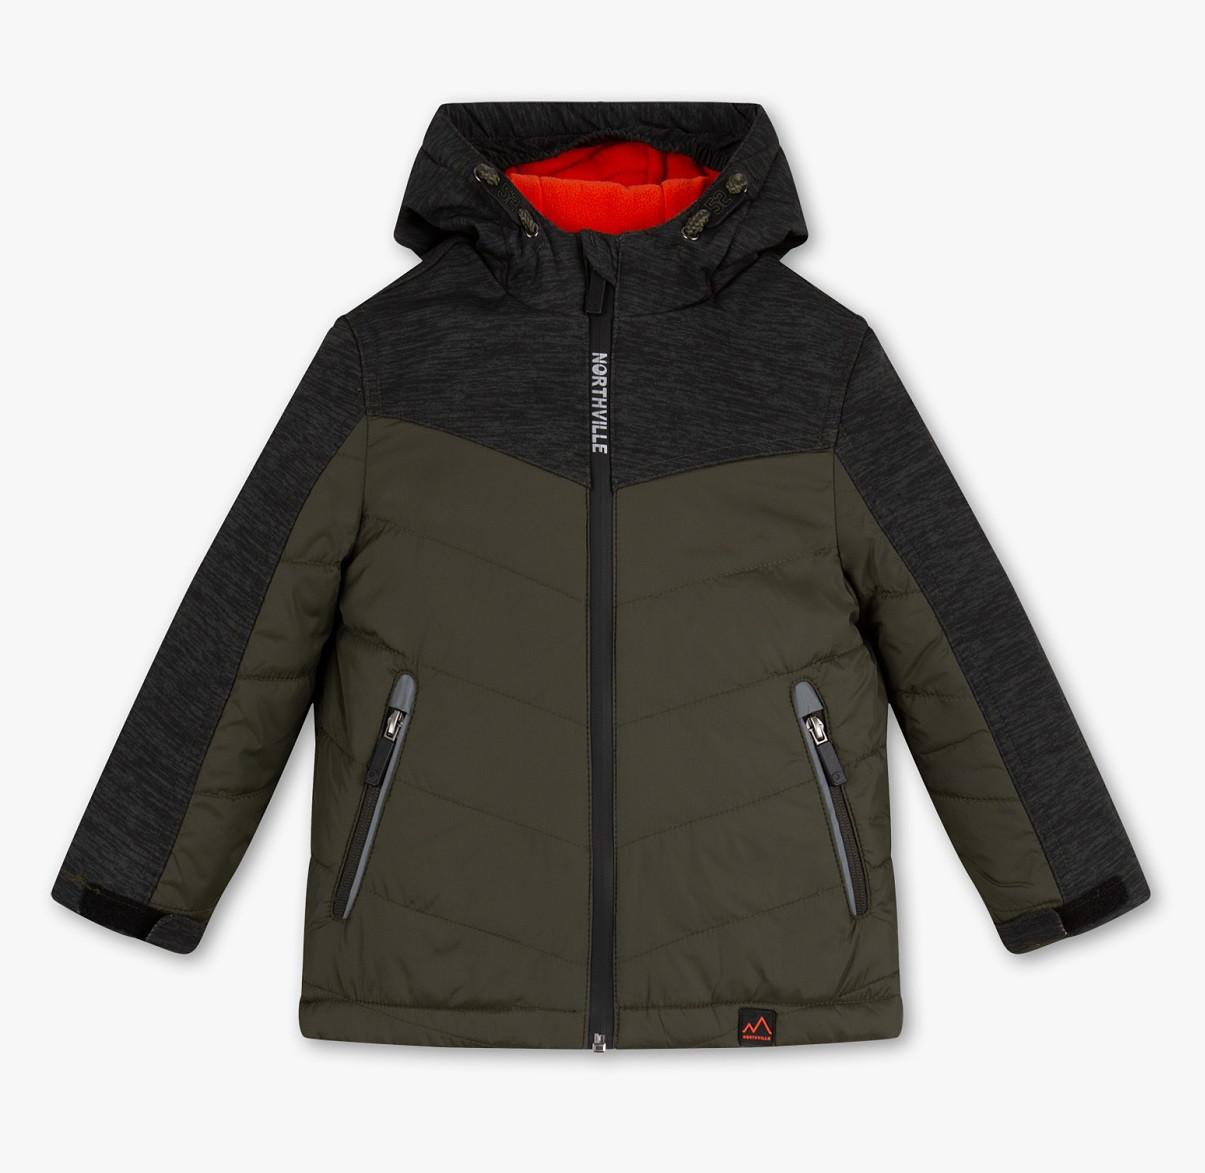 Комбінована куртка софтшелл для хлопчика C&A Німеччина Розмір 110